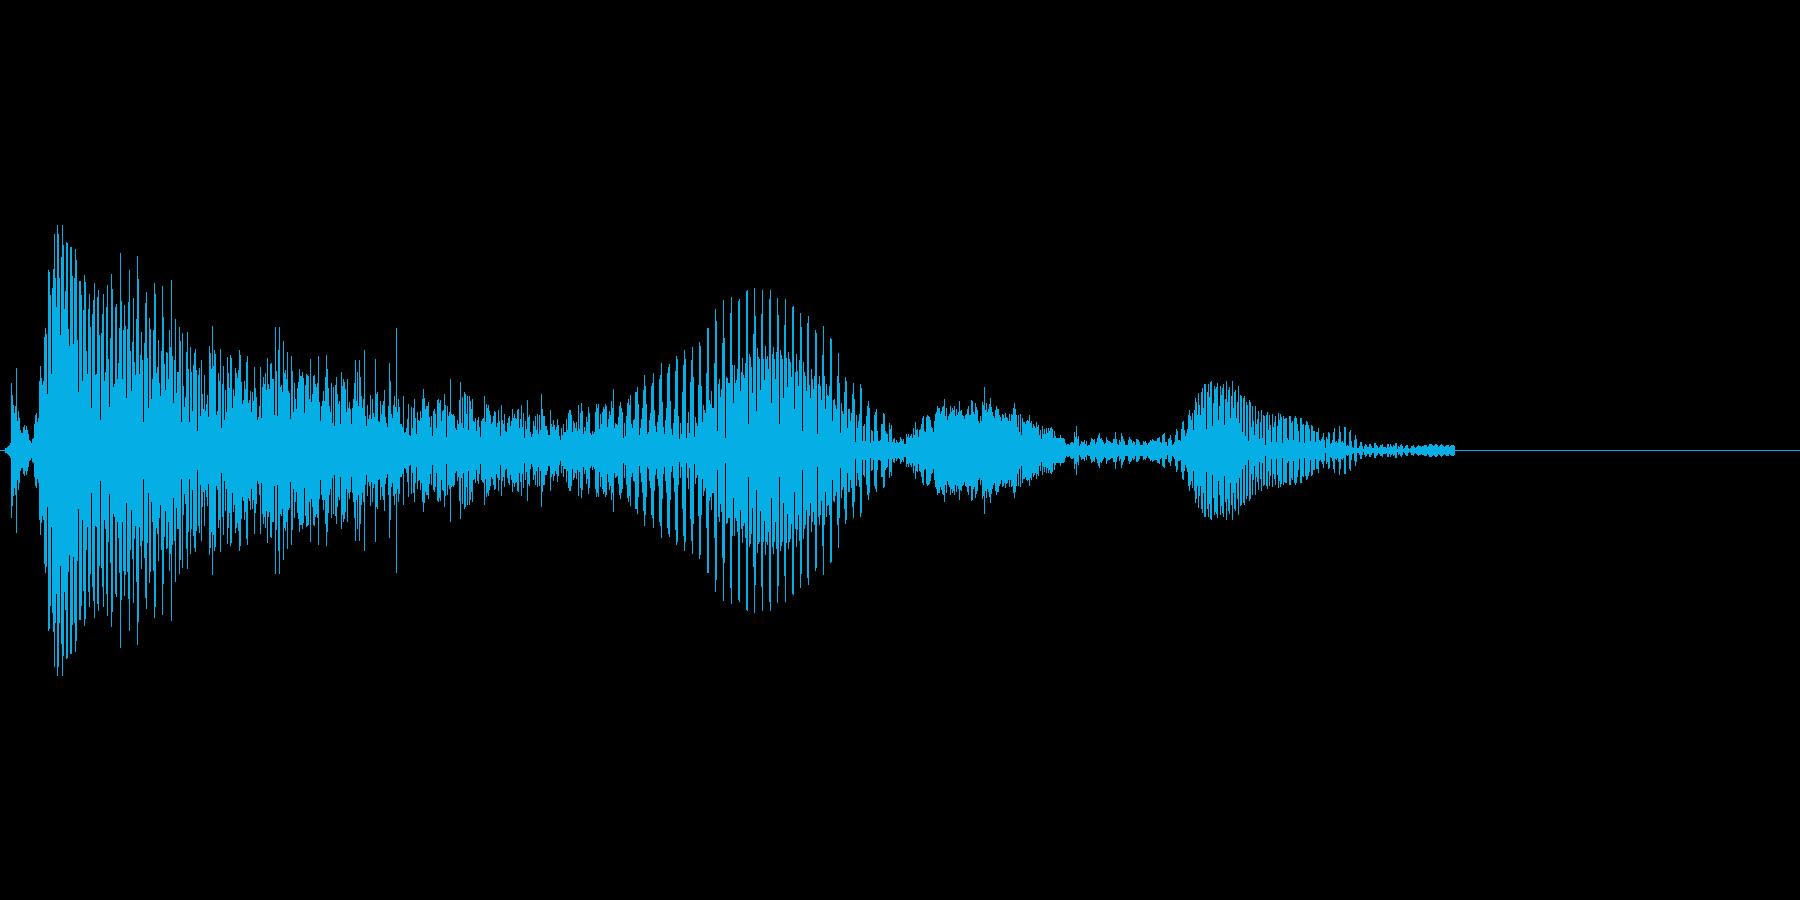 「うふふ♪」の再生済みの波形